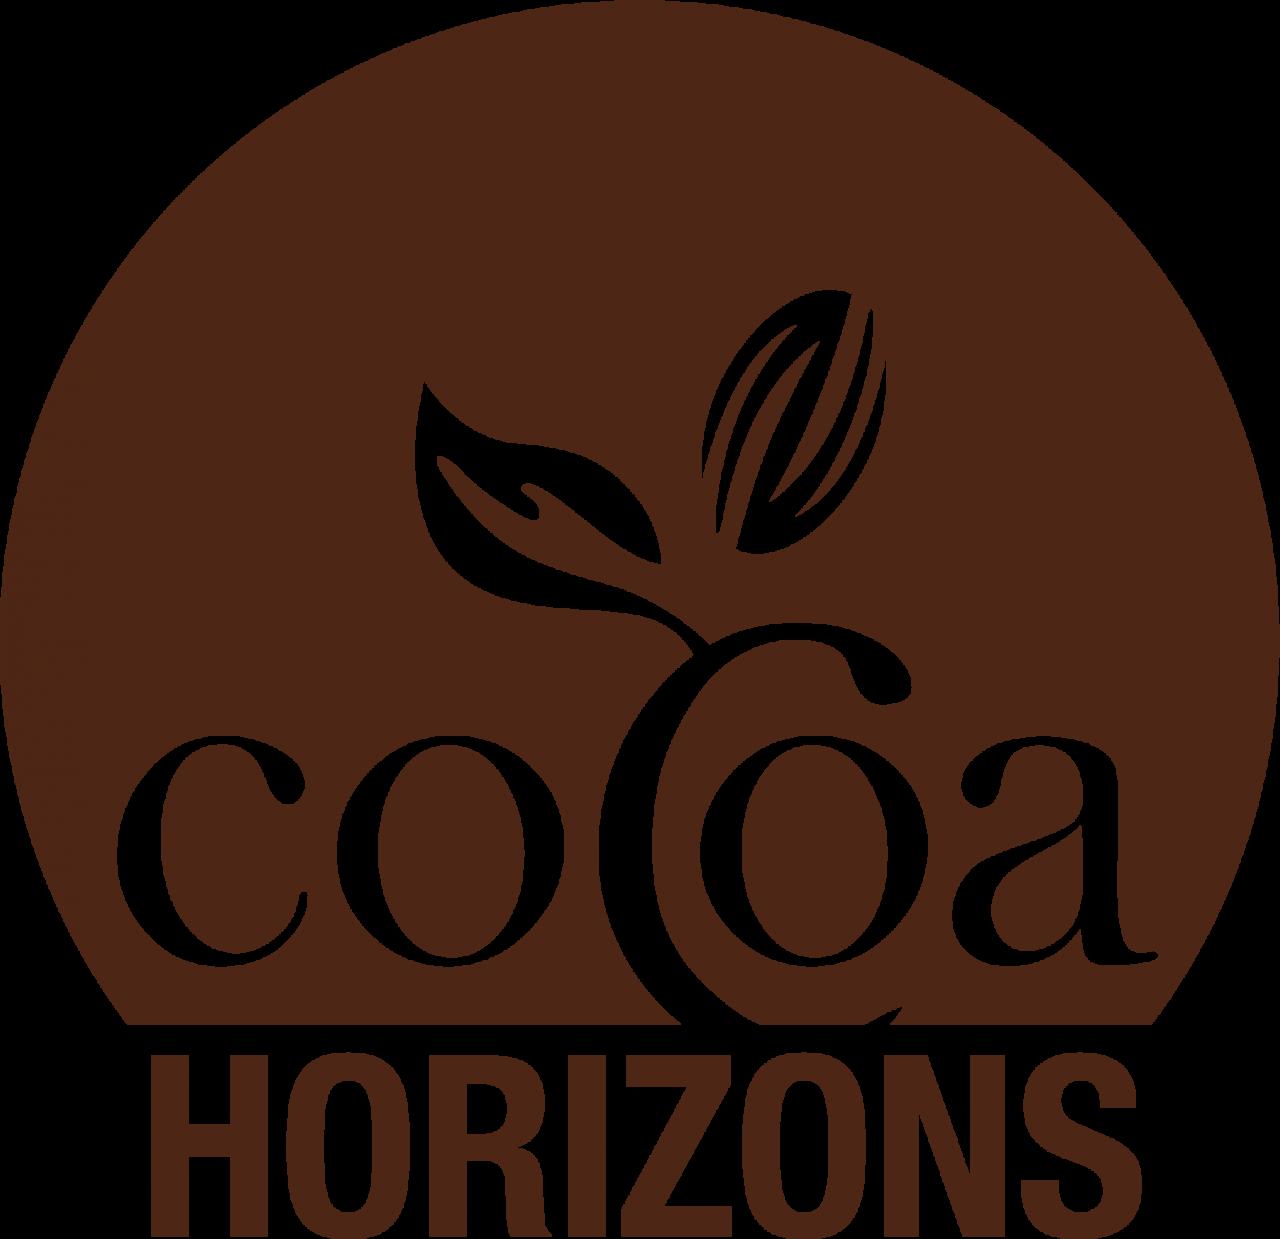 1_CocoaHorizons-Logo_CMYK_pantone4625